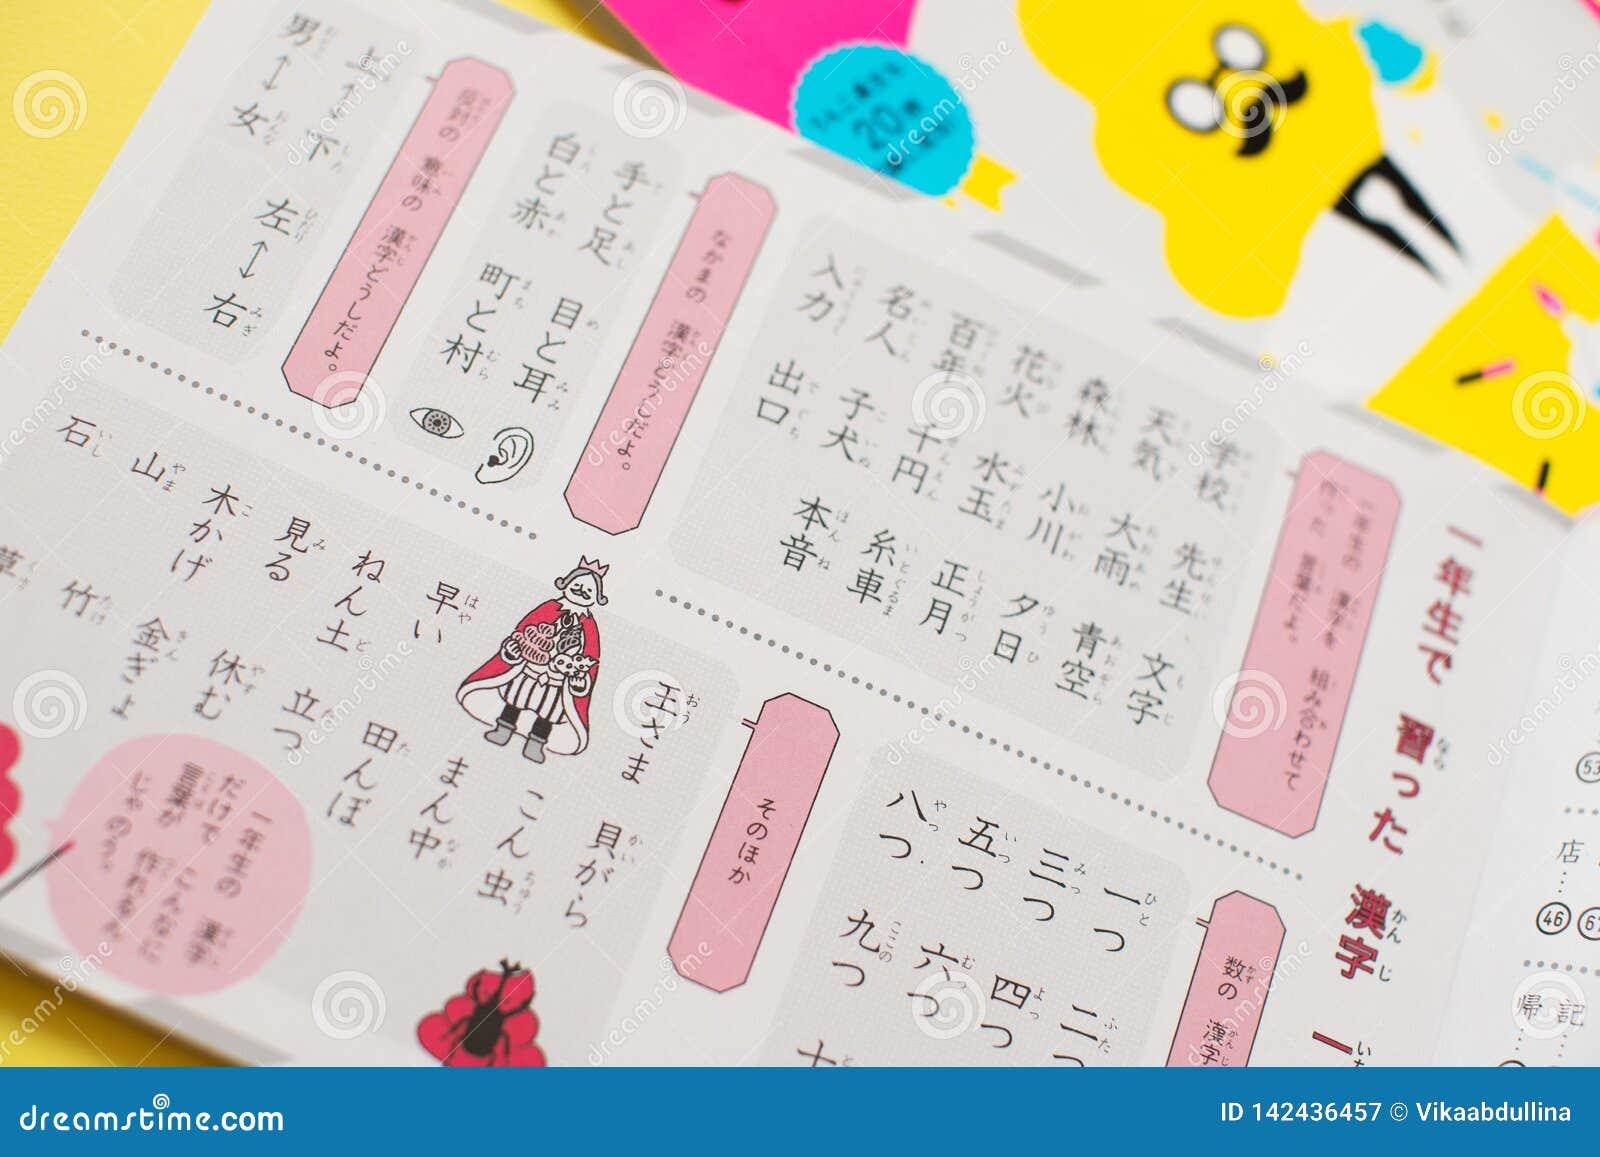 Popularna japońska książka dla uczyć się japońskiego języka charakterów kanji z Unko sensei kaku nauczycielem